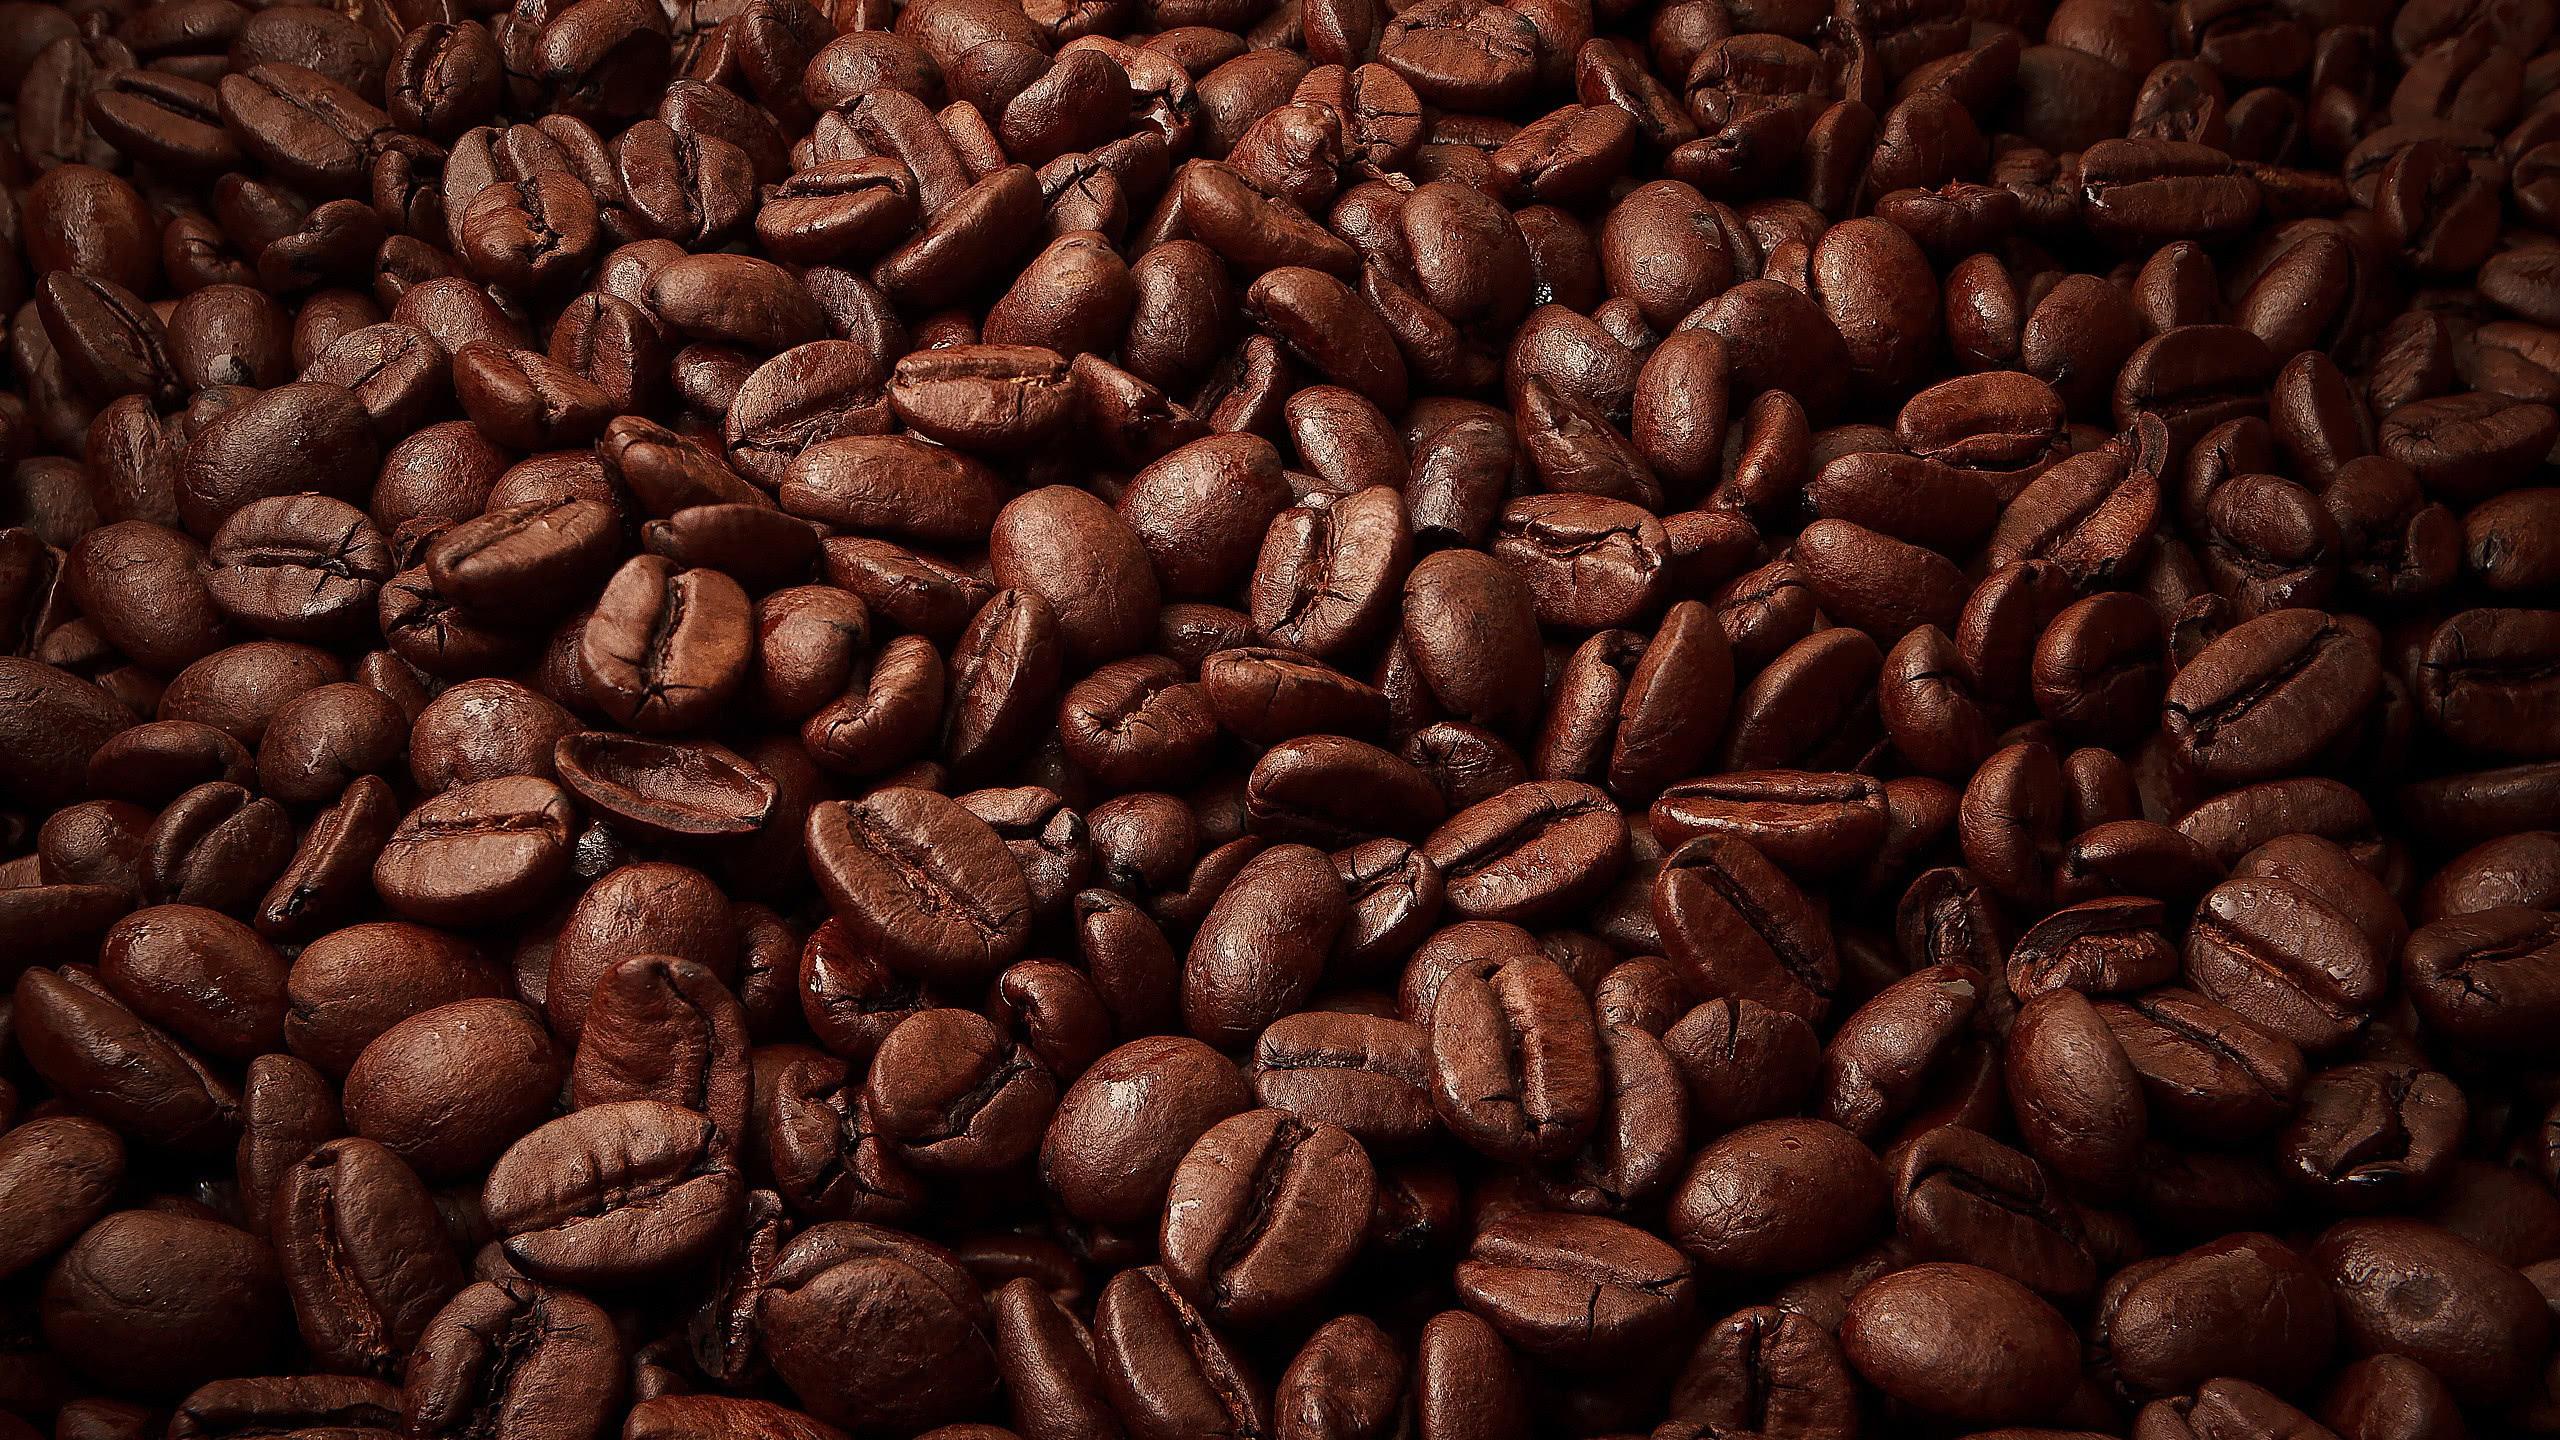 coffee beans wqhd 1440p wallpaper